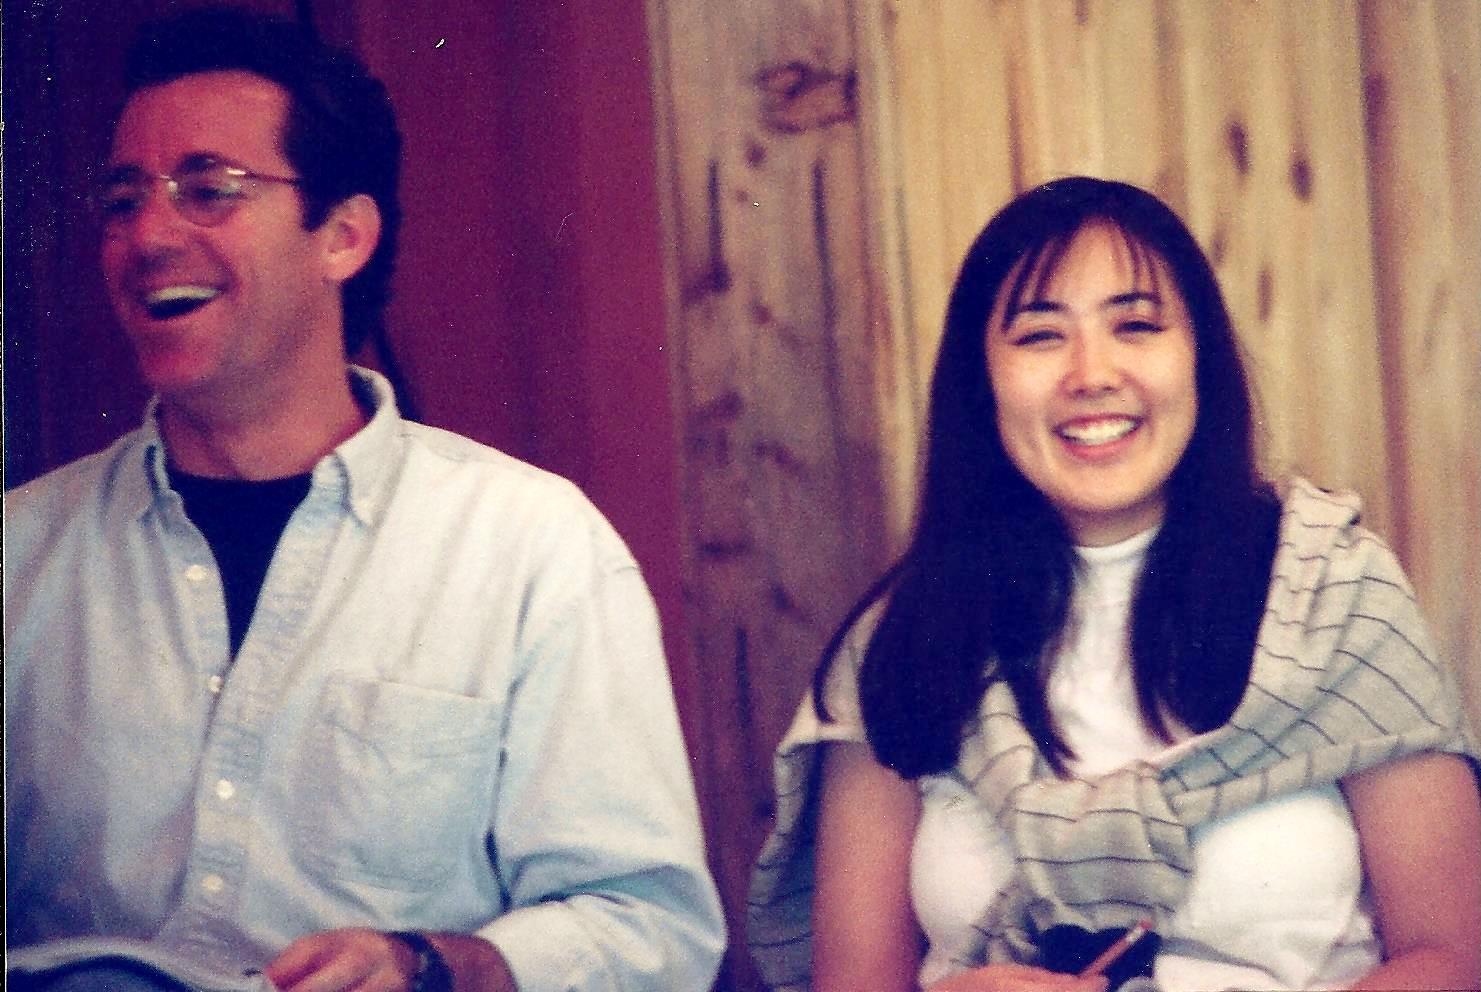 Joanne Takahashi frozen picture 100